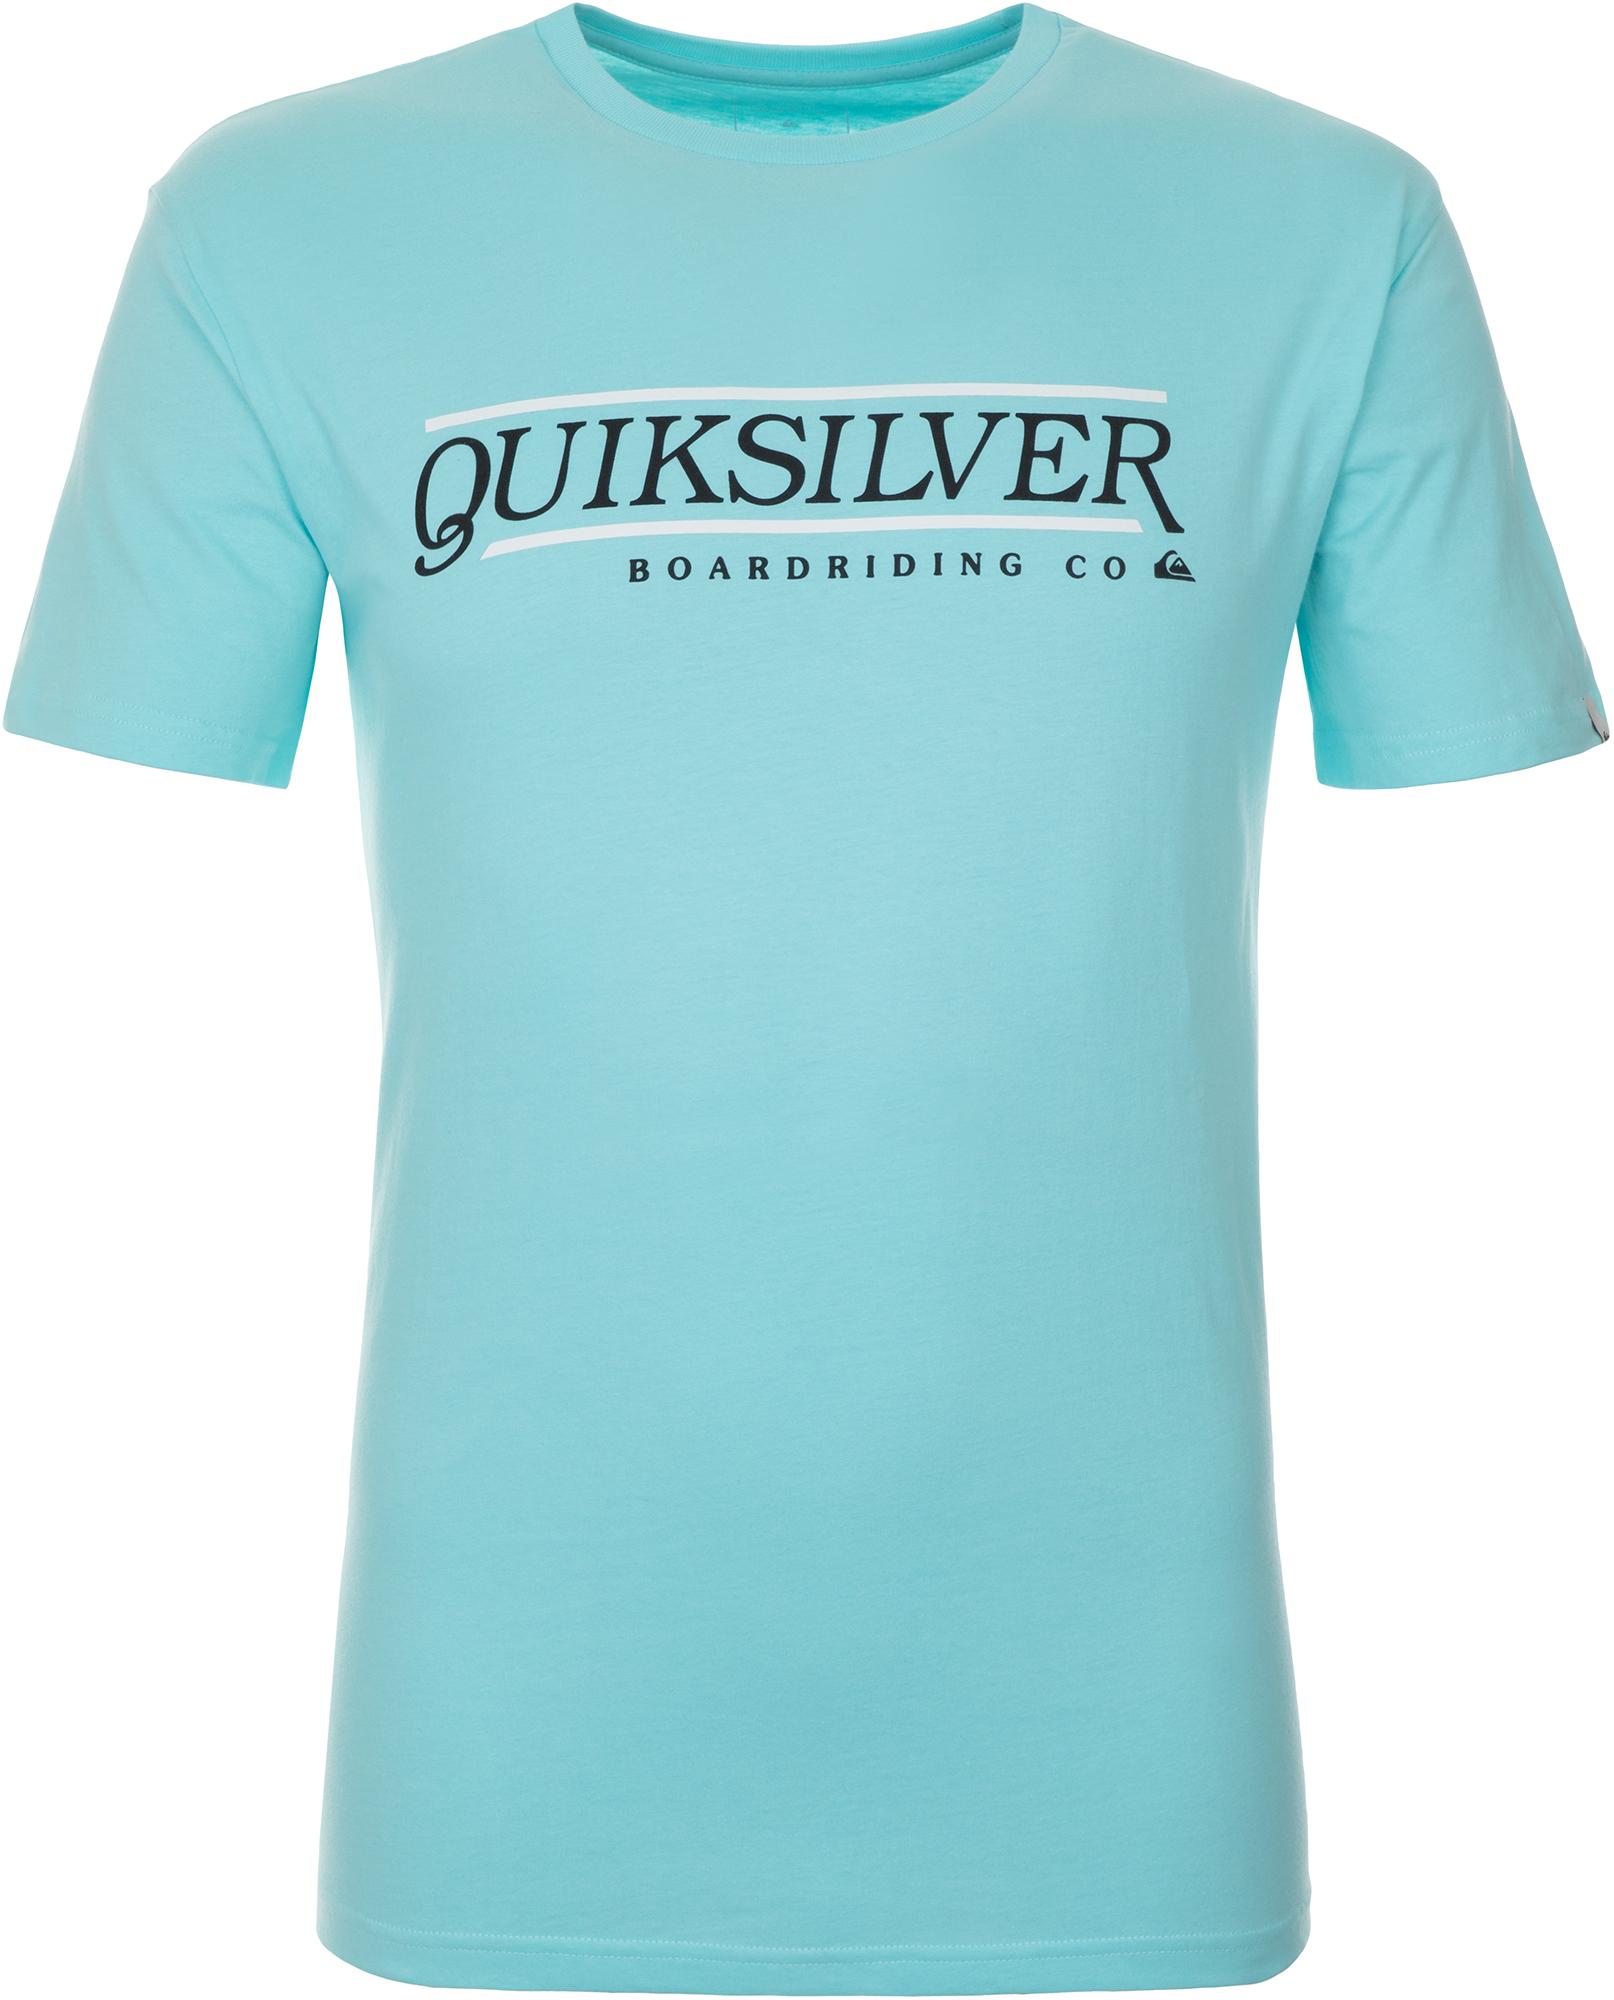 Quiksilver Футболка мужская Quiksilver, размер 48-50